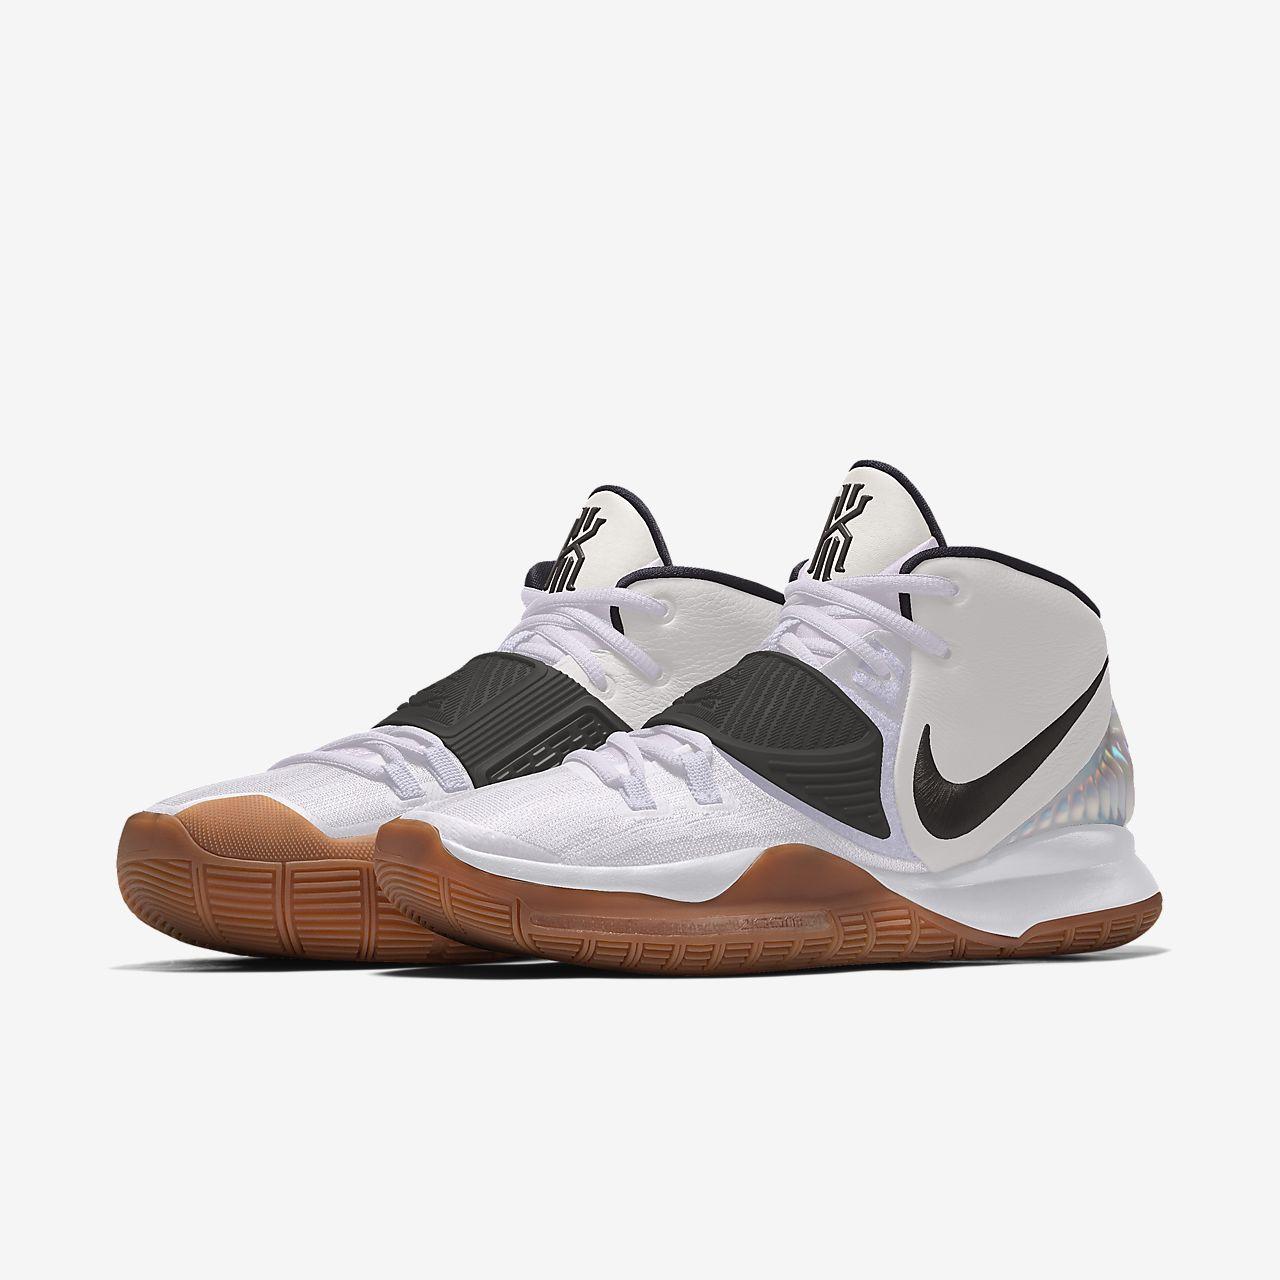 Kyrie 6 By You Zapatillas de baloncesto personalizables